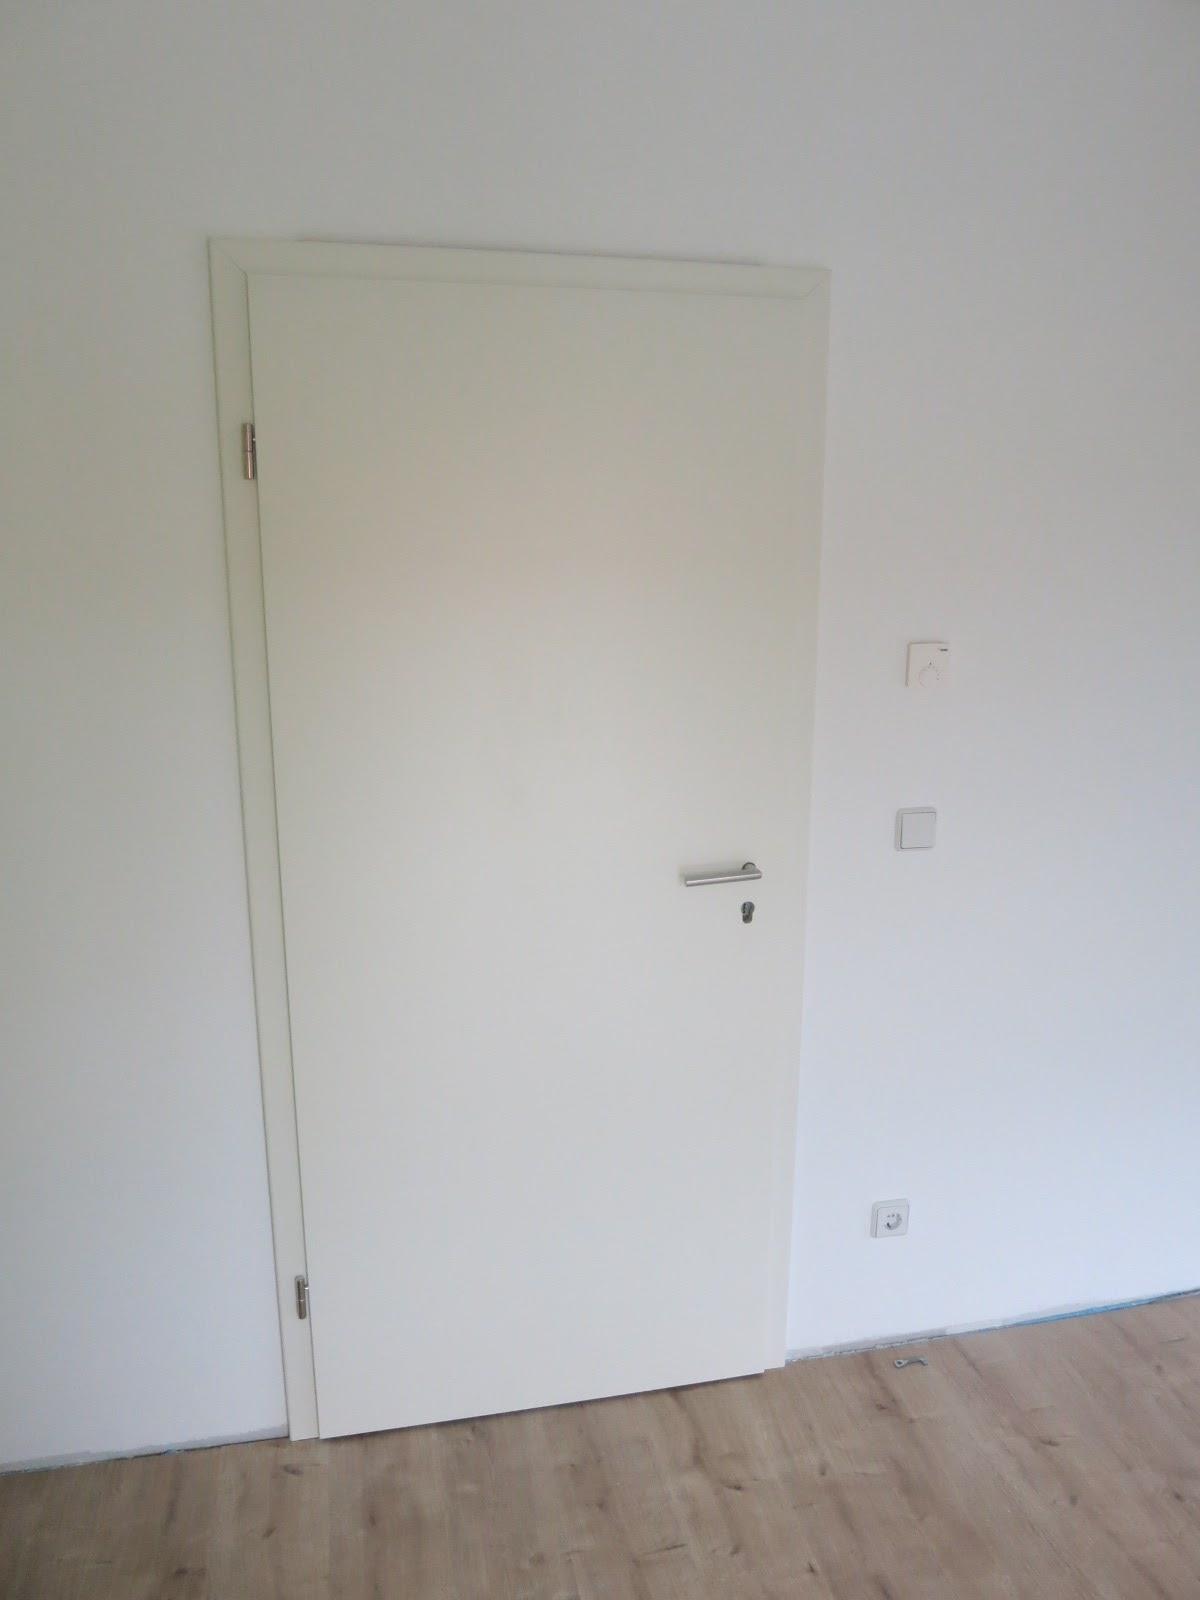 Preiswert bauen in teurer Gegend: Innentüren einbauen (Eigenleistung #2)